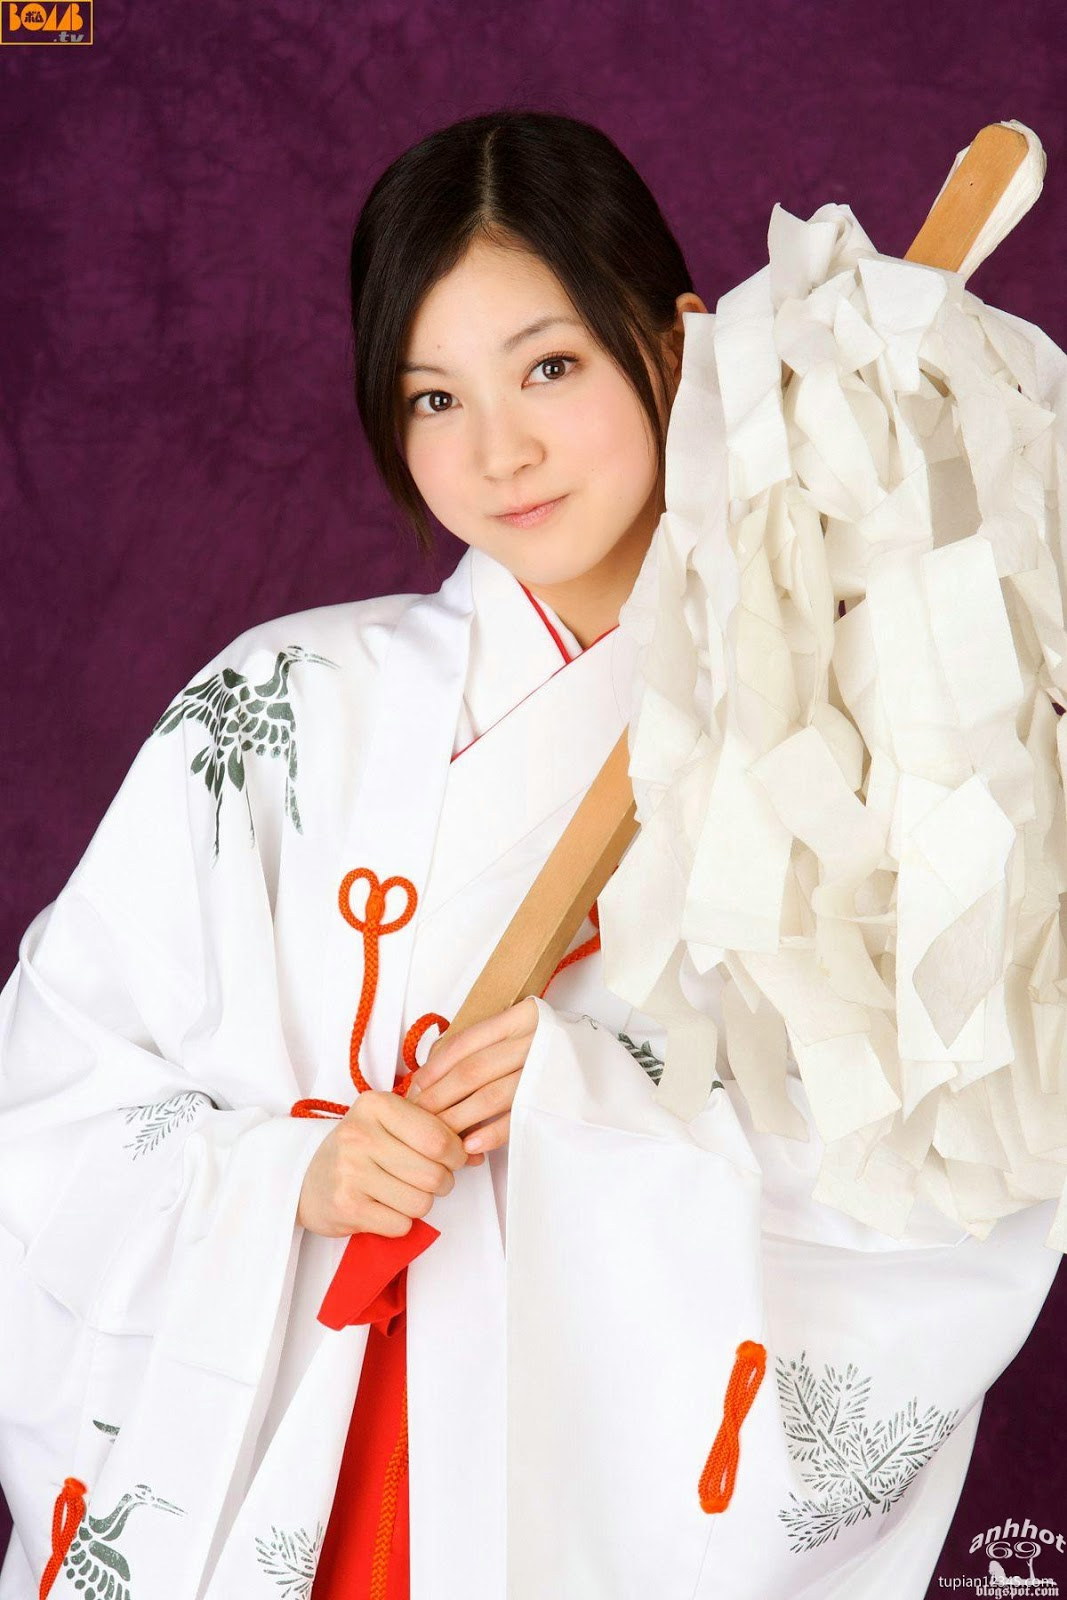 maari-nakashima_1-110F5105421-50